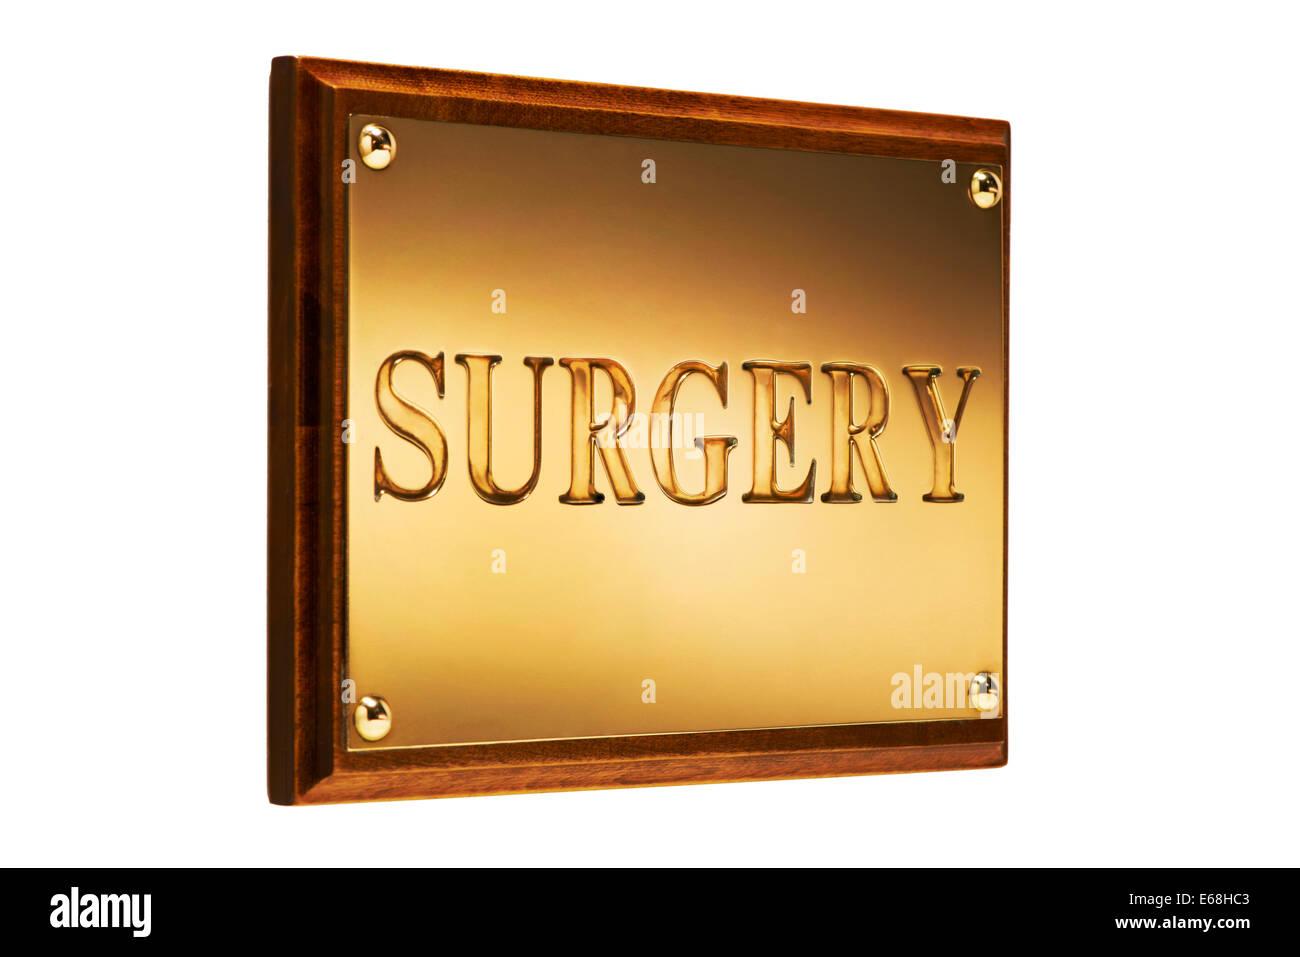 Surgery Sign exterior - Stock Image